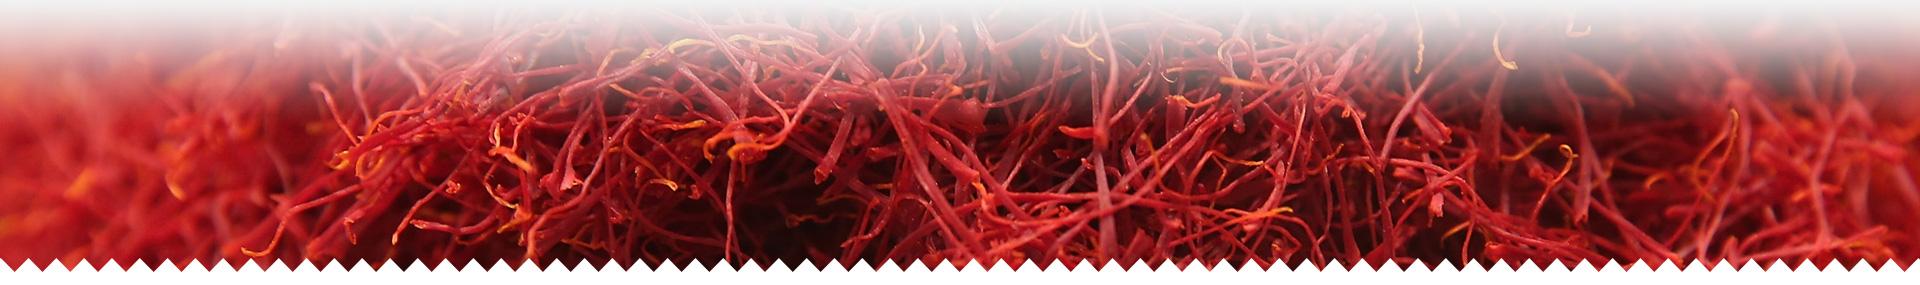 saffron2